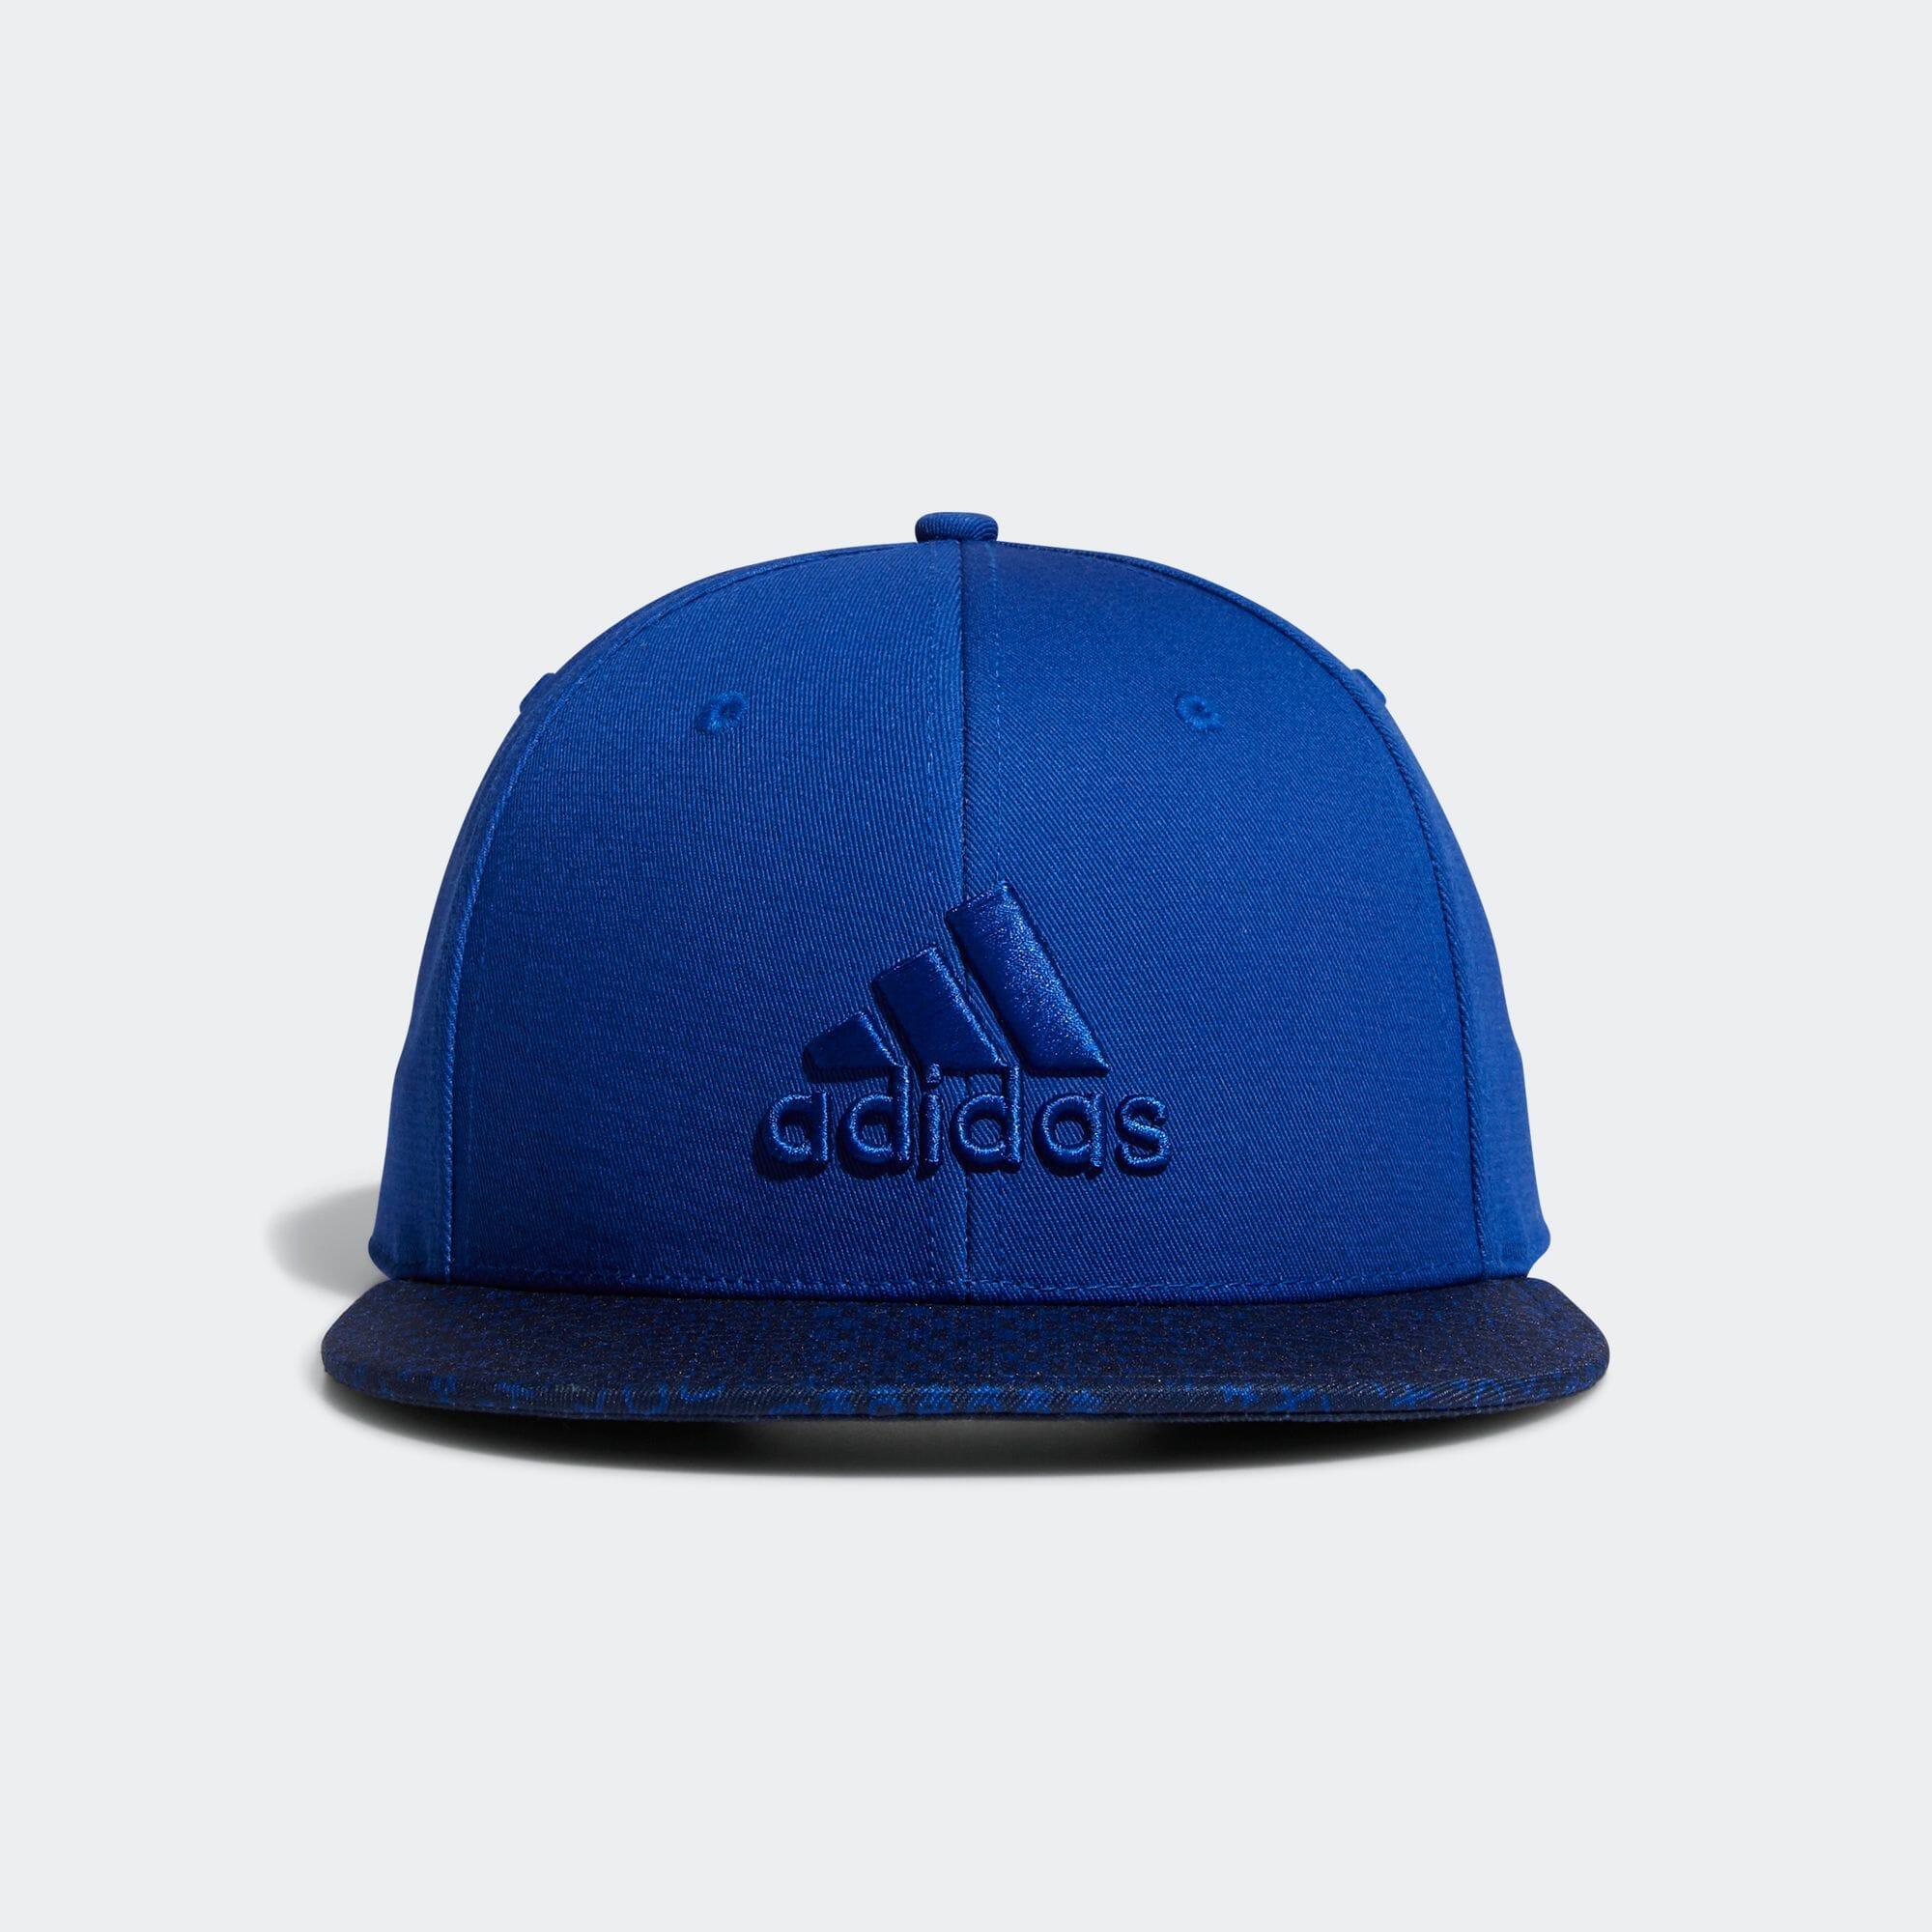 トウキョウ フラットブリムキャップ 【ゴルフ】/ Printed Bill Hat